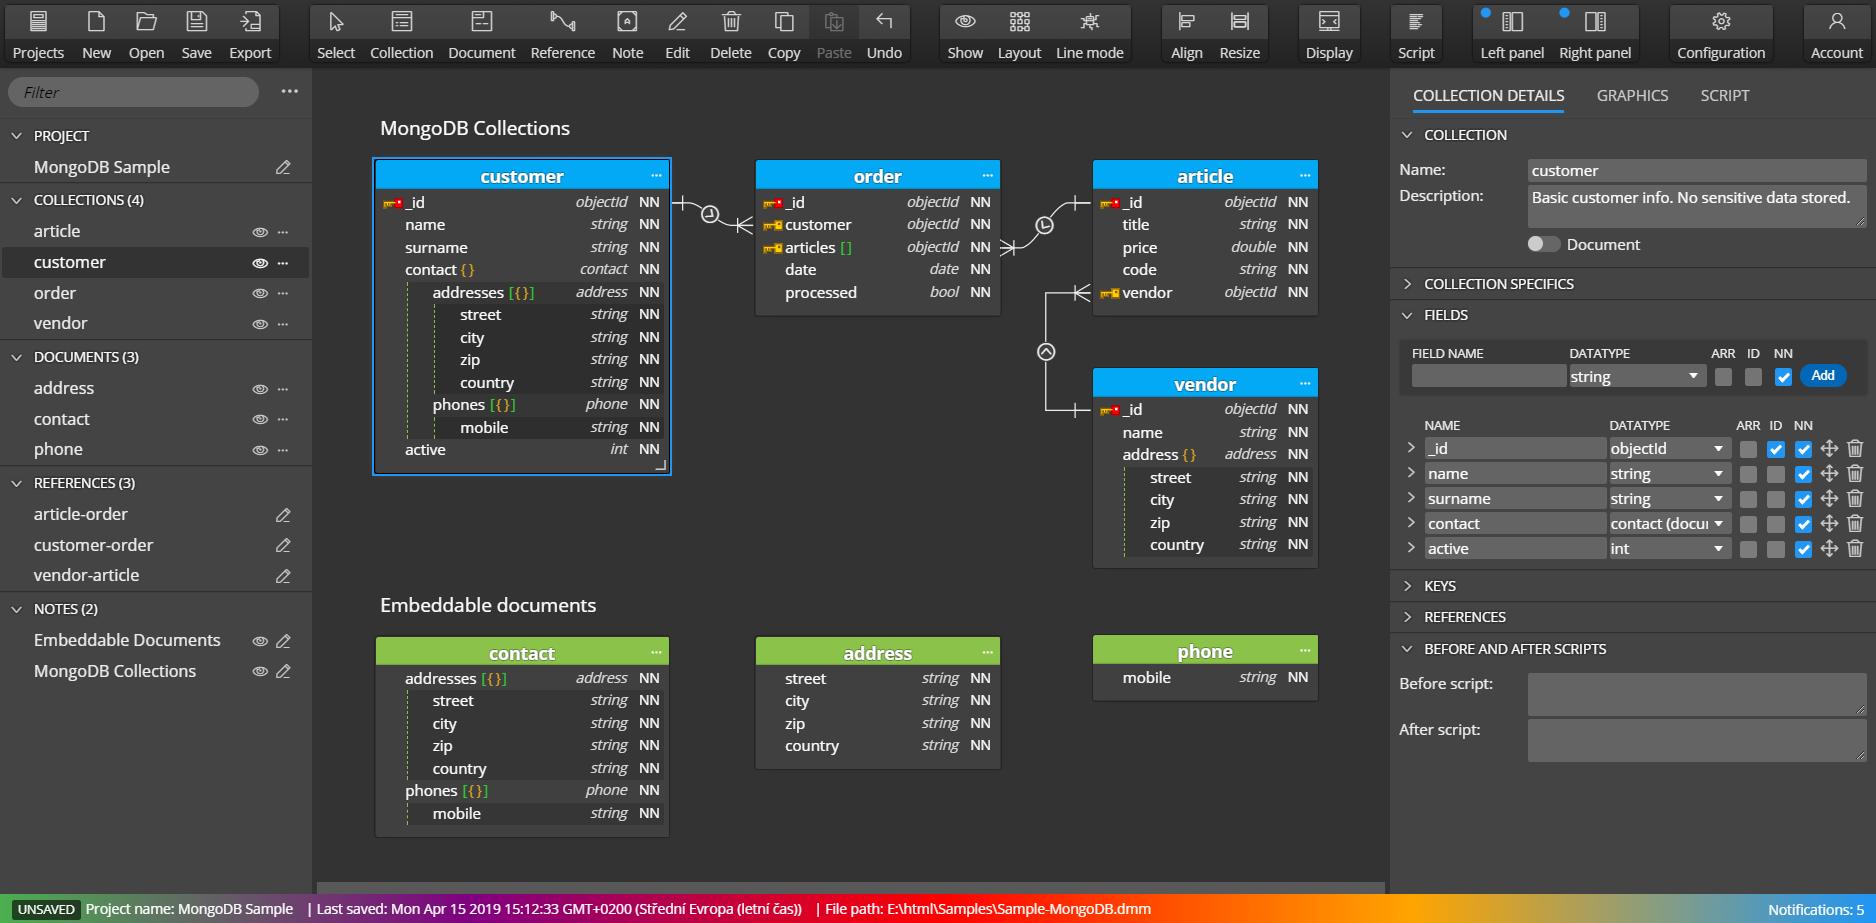 Moon Modeler - Draw Er Diagrams For Your Data Models